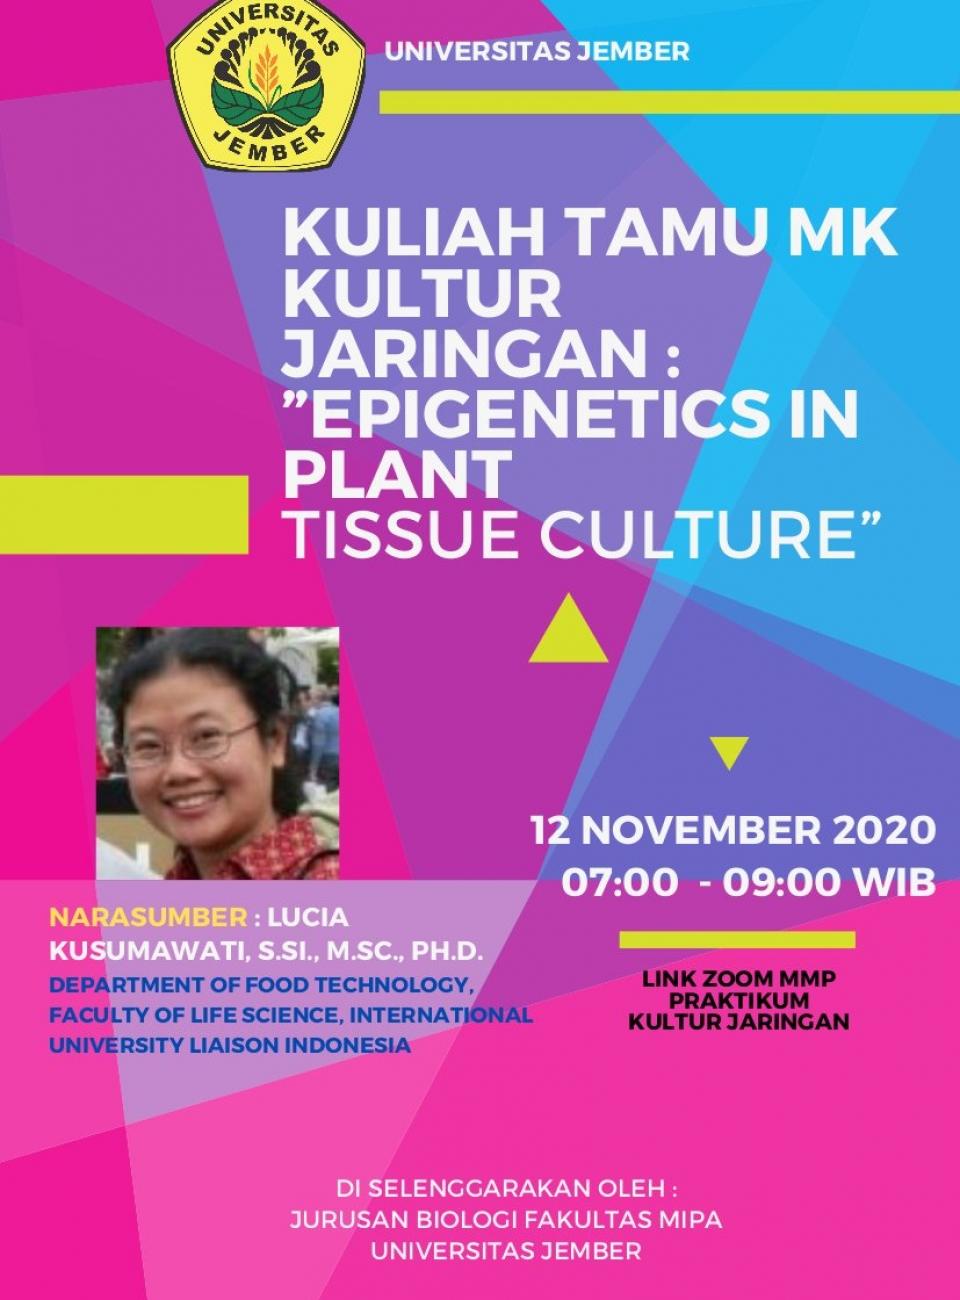 Kuliah Tamu MK Kultur Jaringan